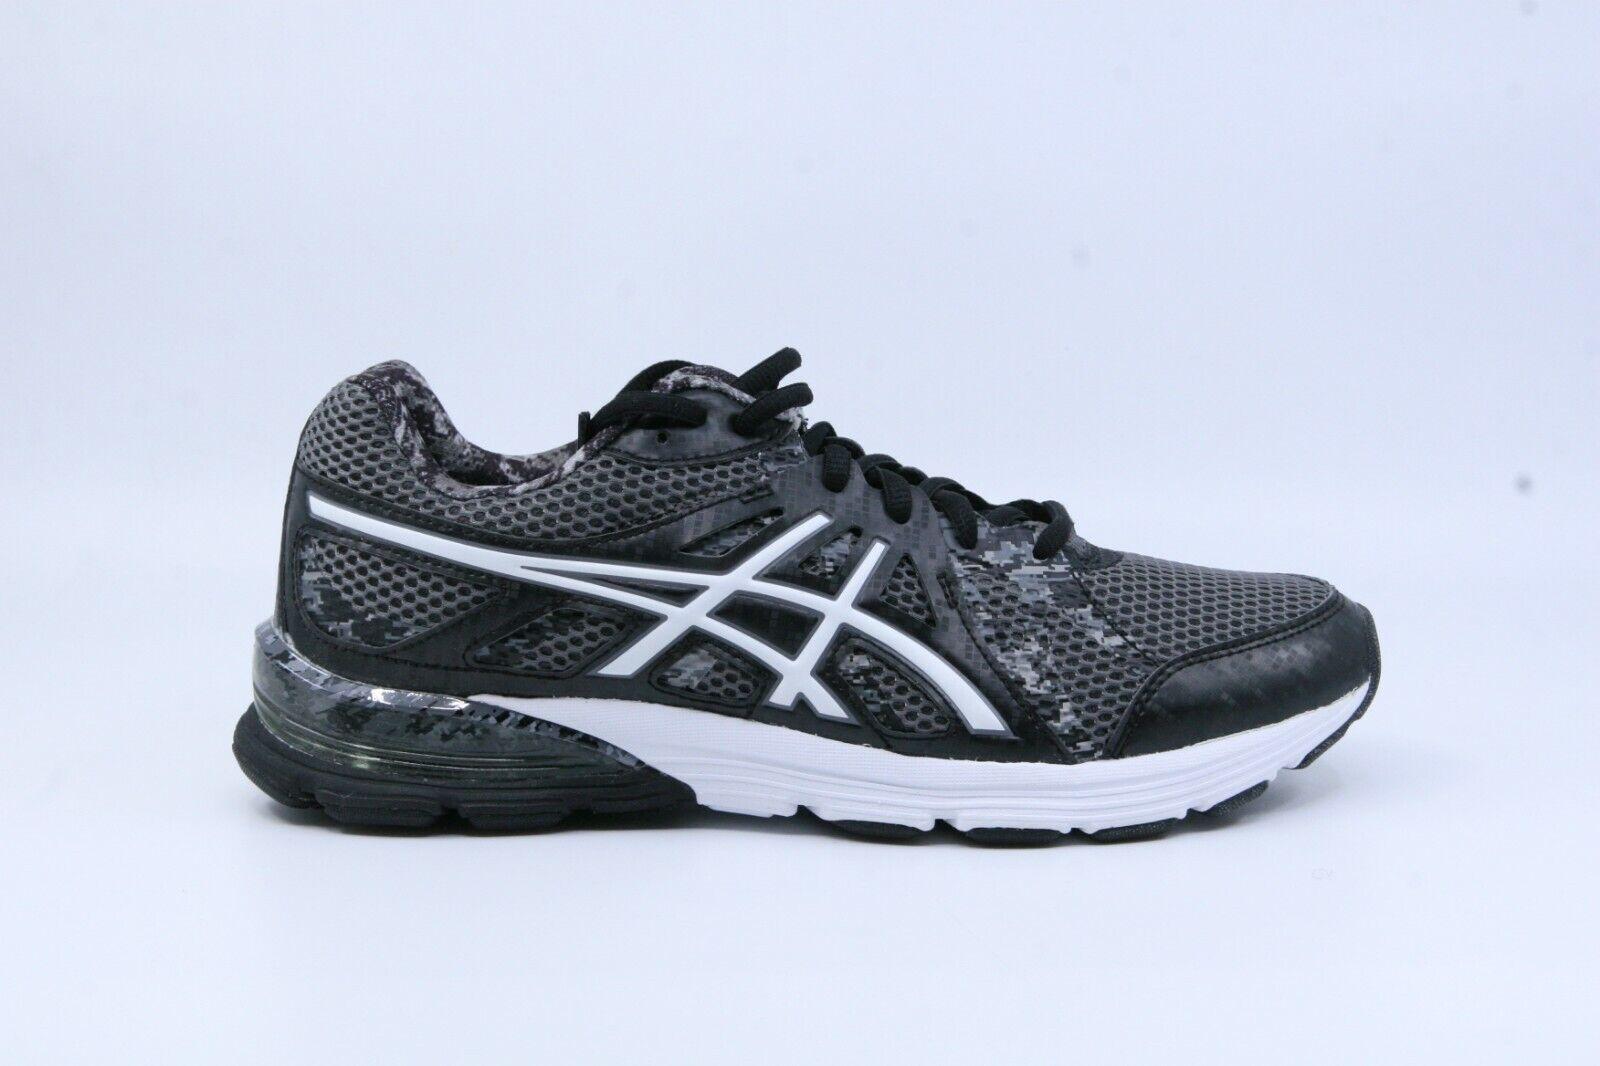 Asics Para Hombre Gel-Preleus Zapatillas Para Correr Negro blancoo US8 T430N-9001